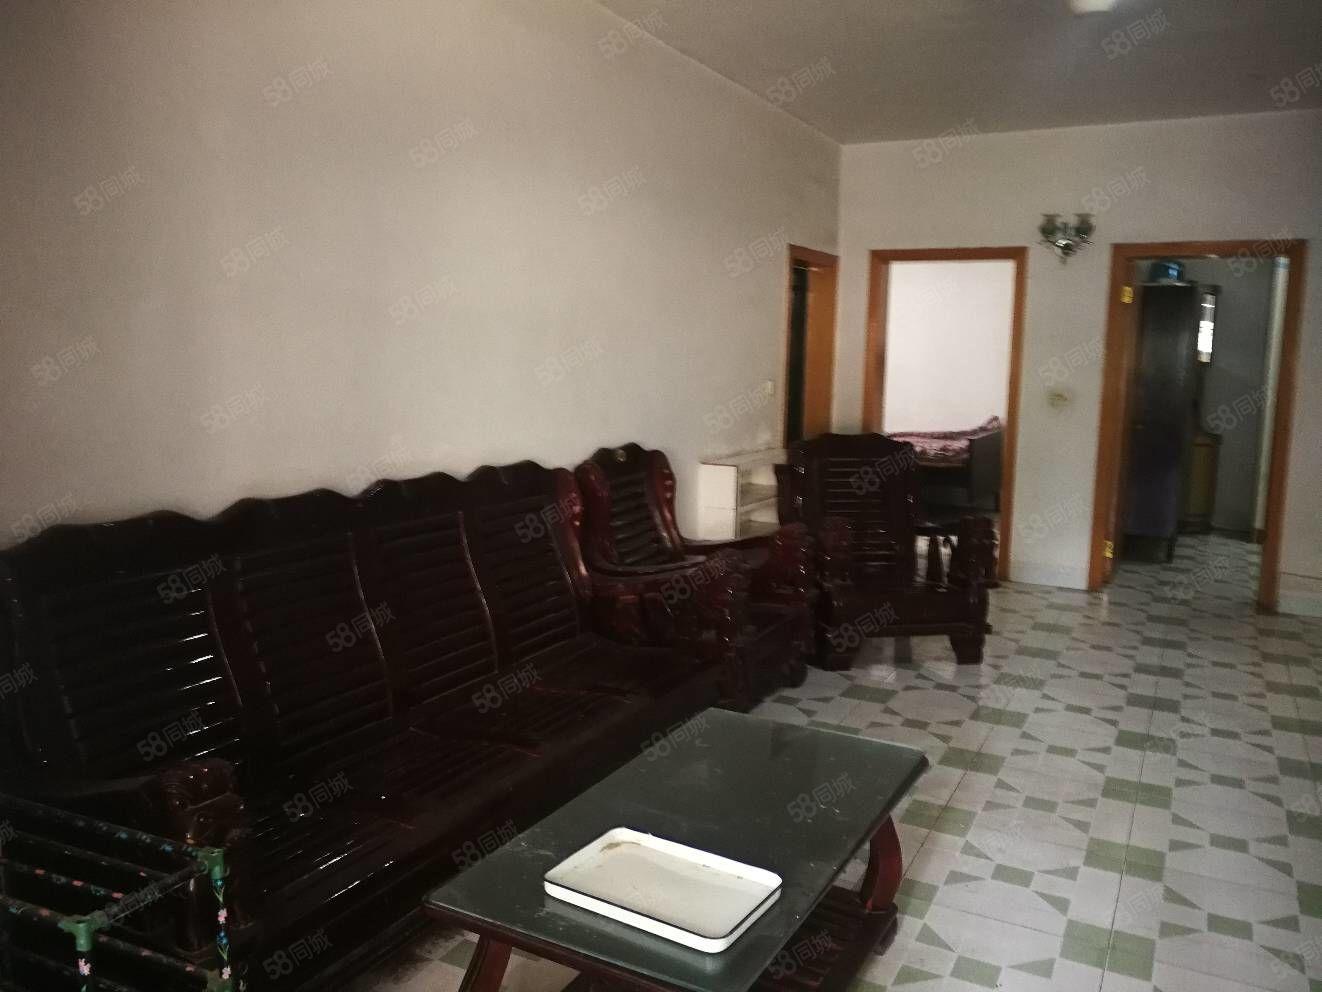 小南街4樓二室二廳家具家電空調一個